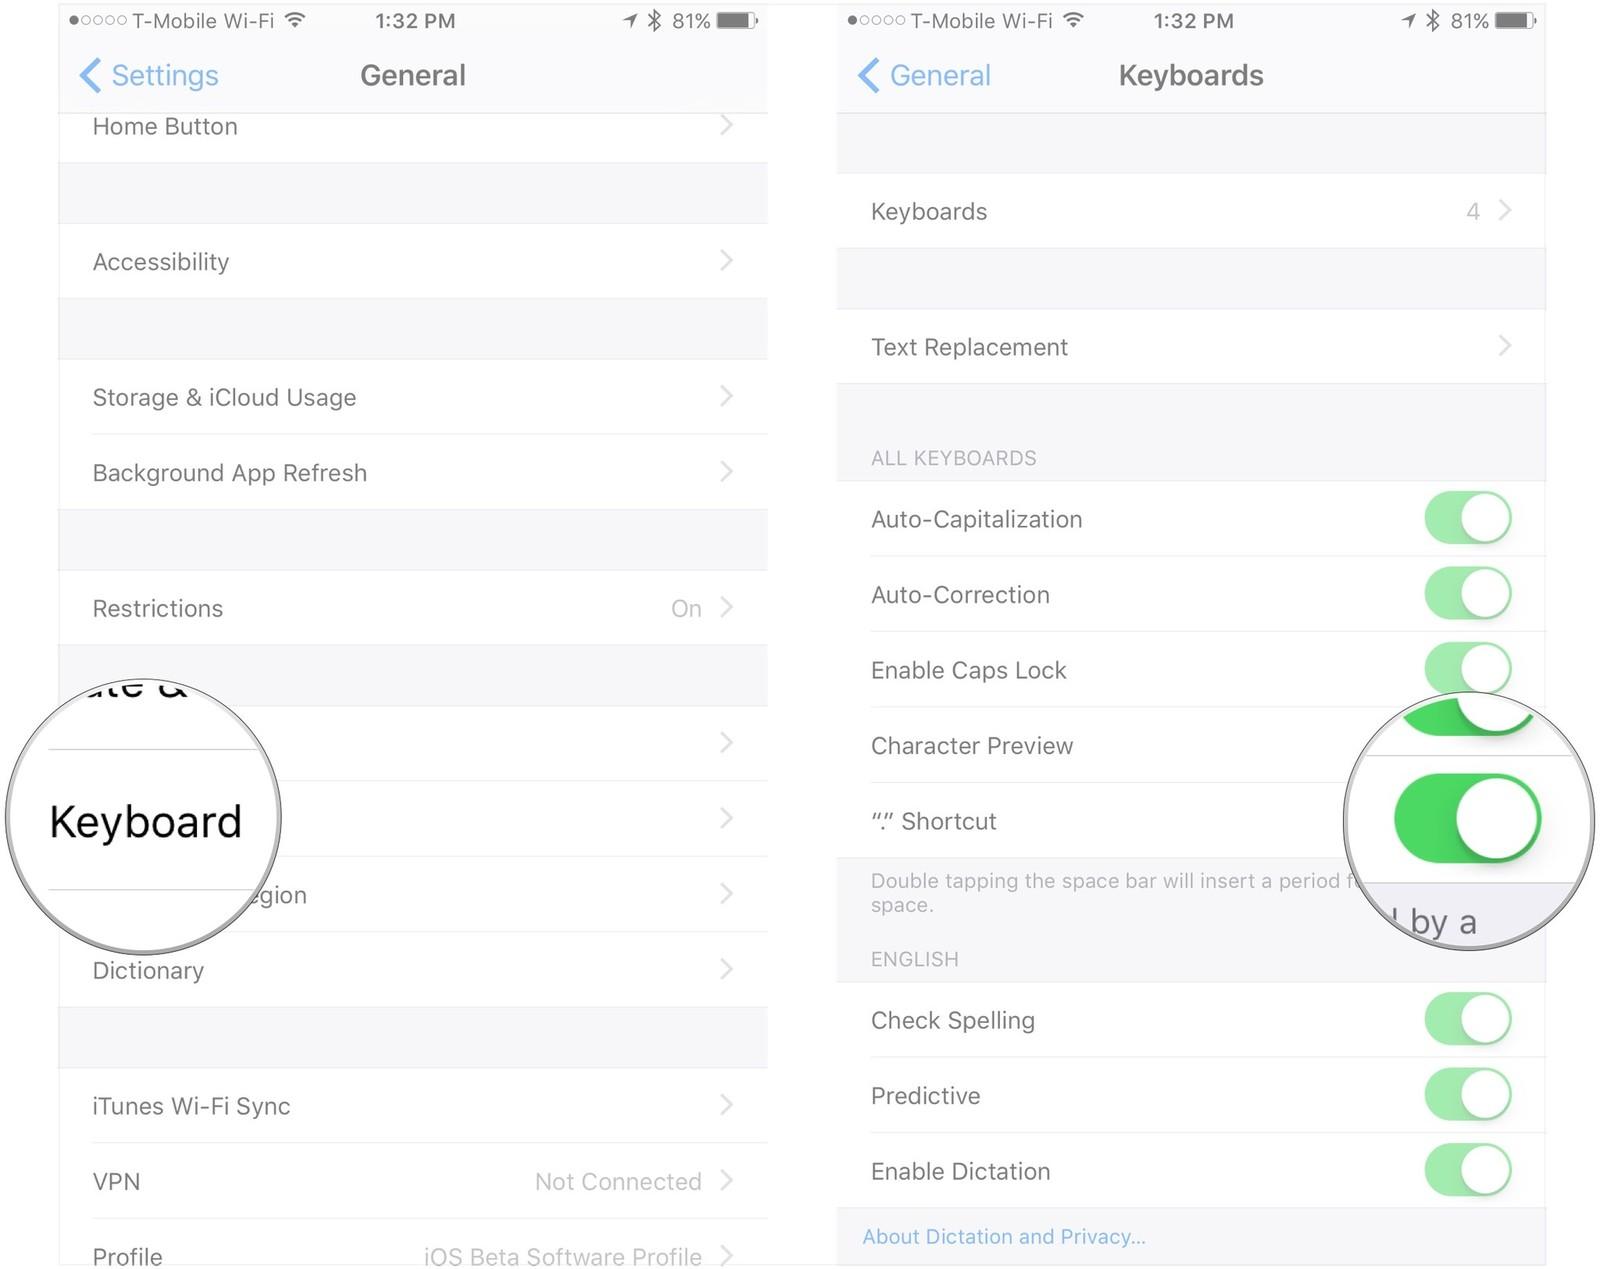 11 вещей которые должен знать каждый пользователь iPhone или iPad - активация режима пунктуации